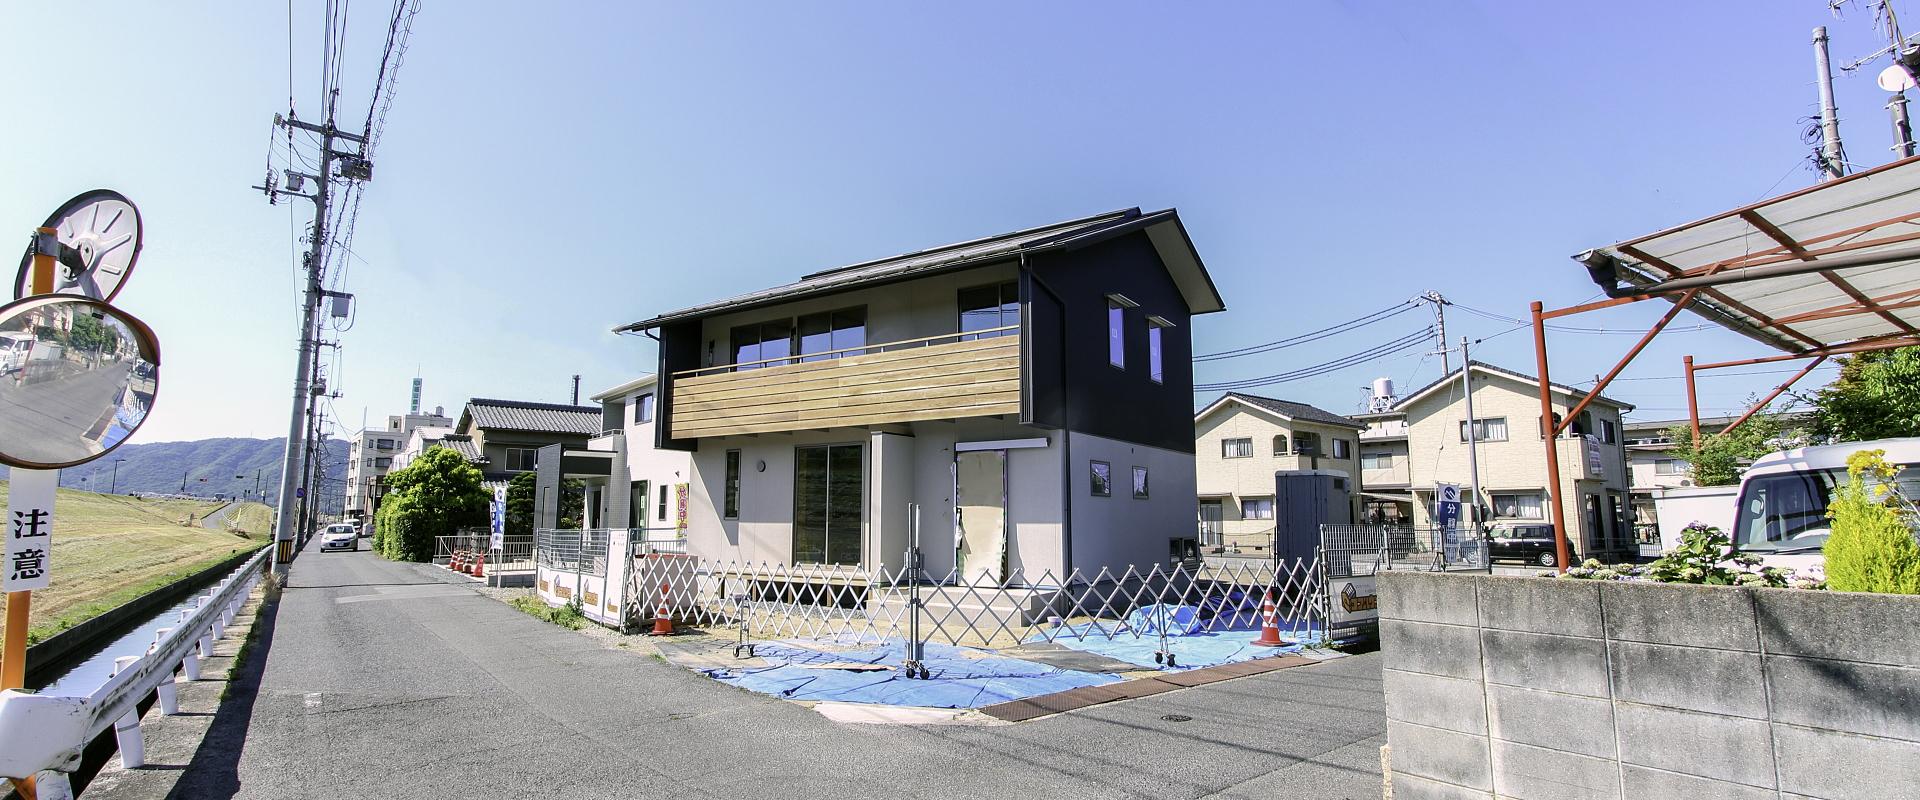 草戸町で工務店コアハウス木の家を建てる|福山の新築注文住宅